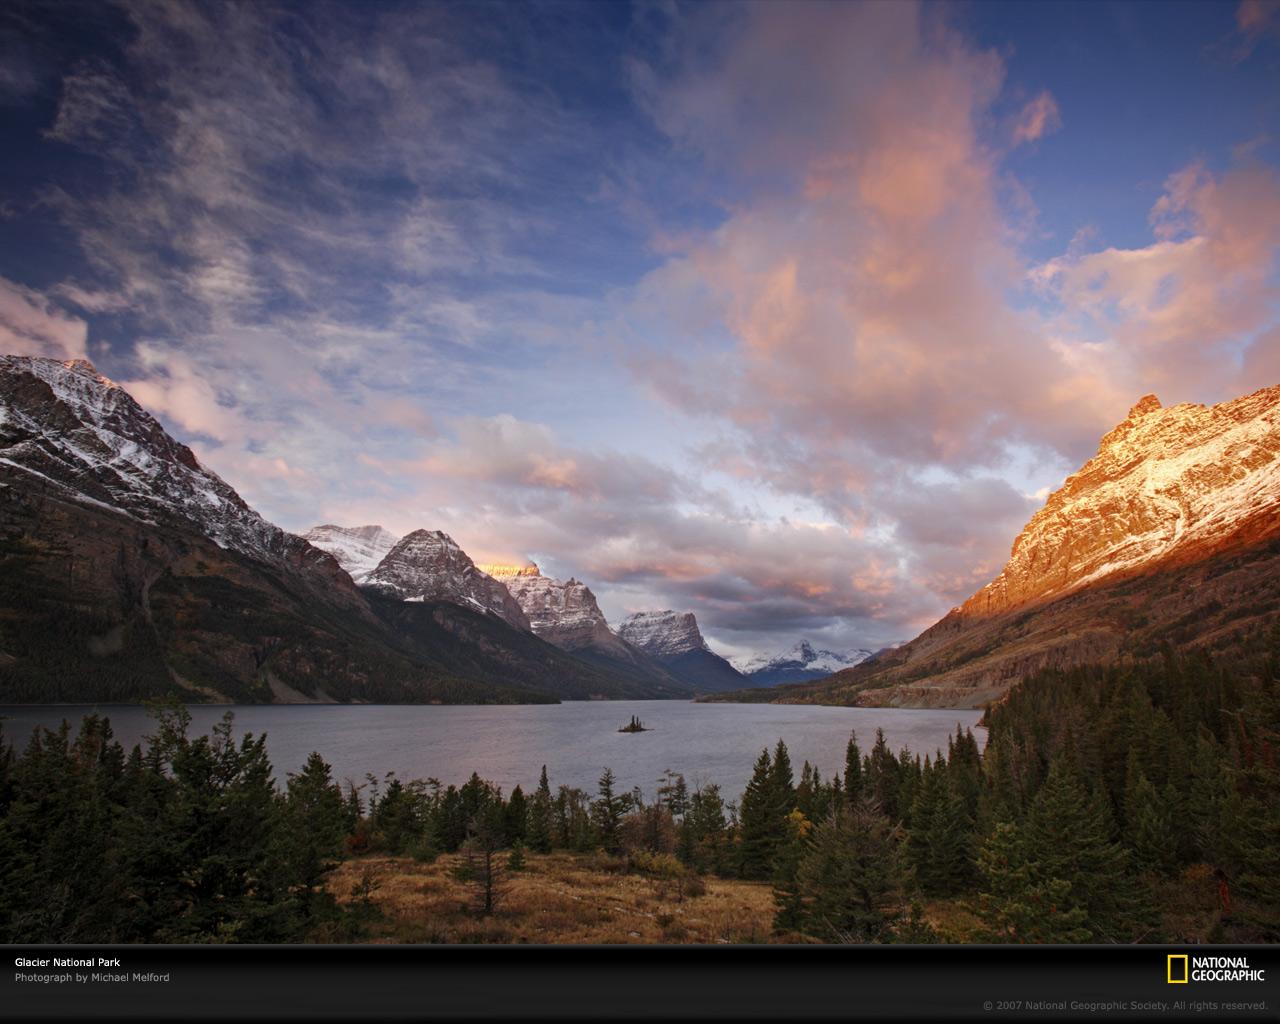 Glacier National Park US Parks Photos Download Wallpaper 1280x1024